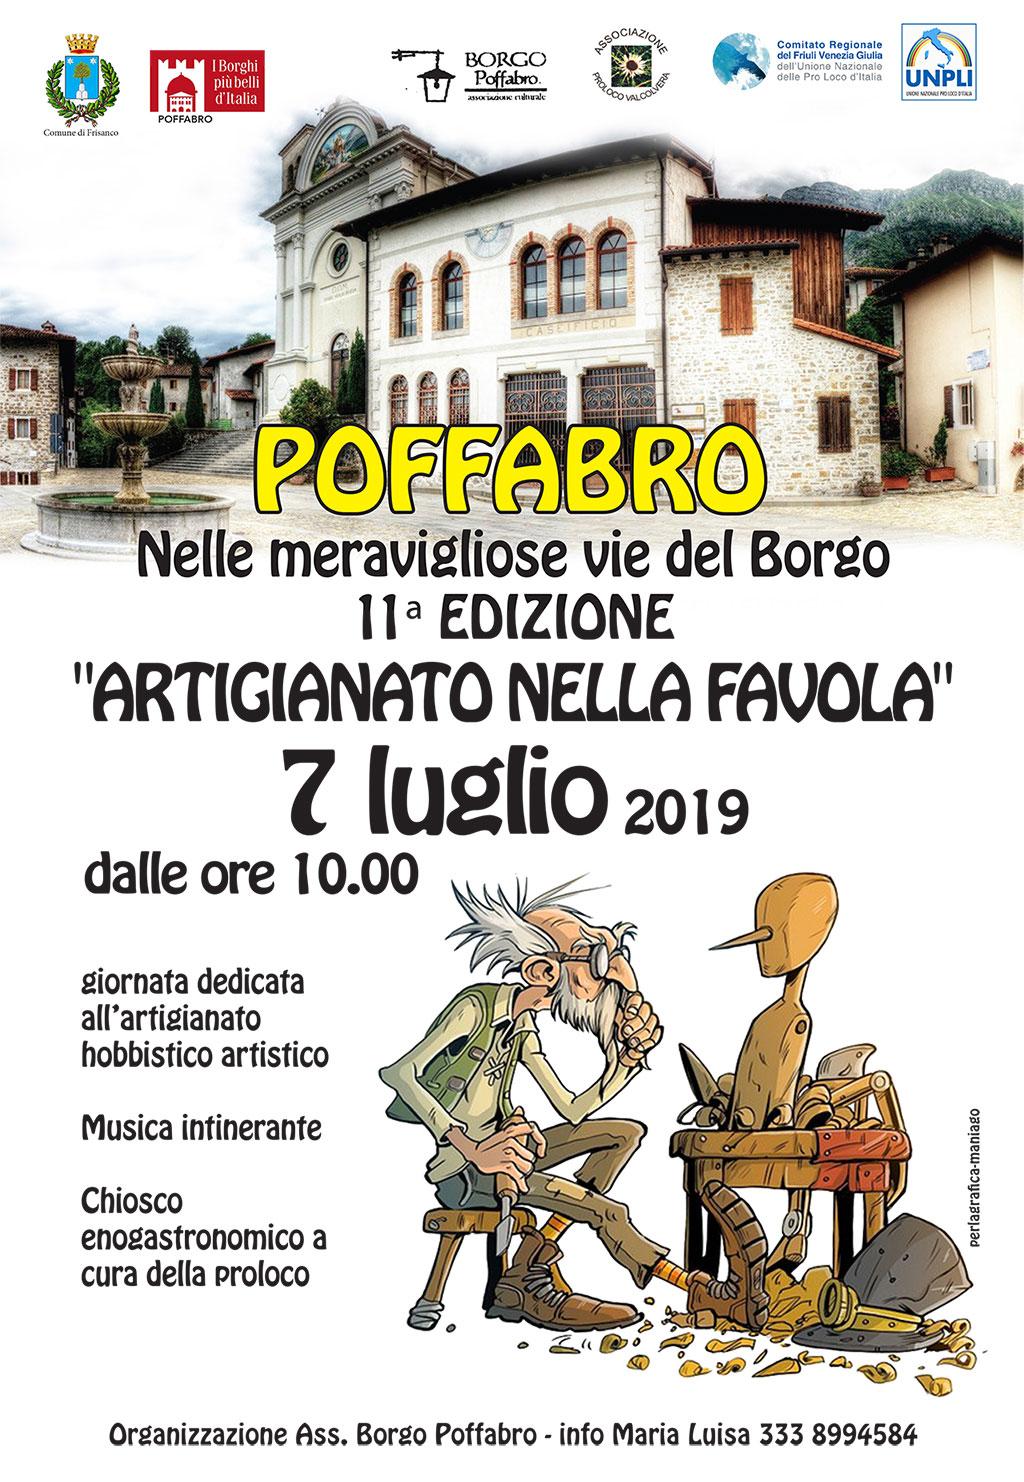 Artigianato nella Favola a Poffabro di Frisanco by Friuli.org